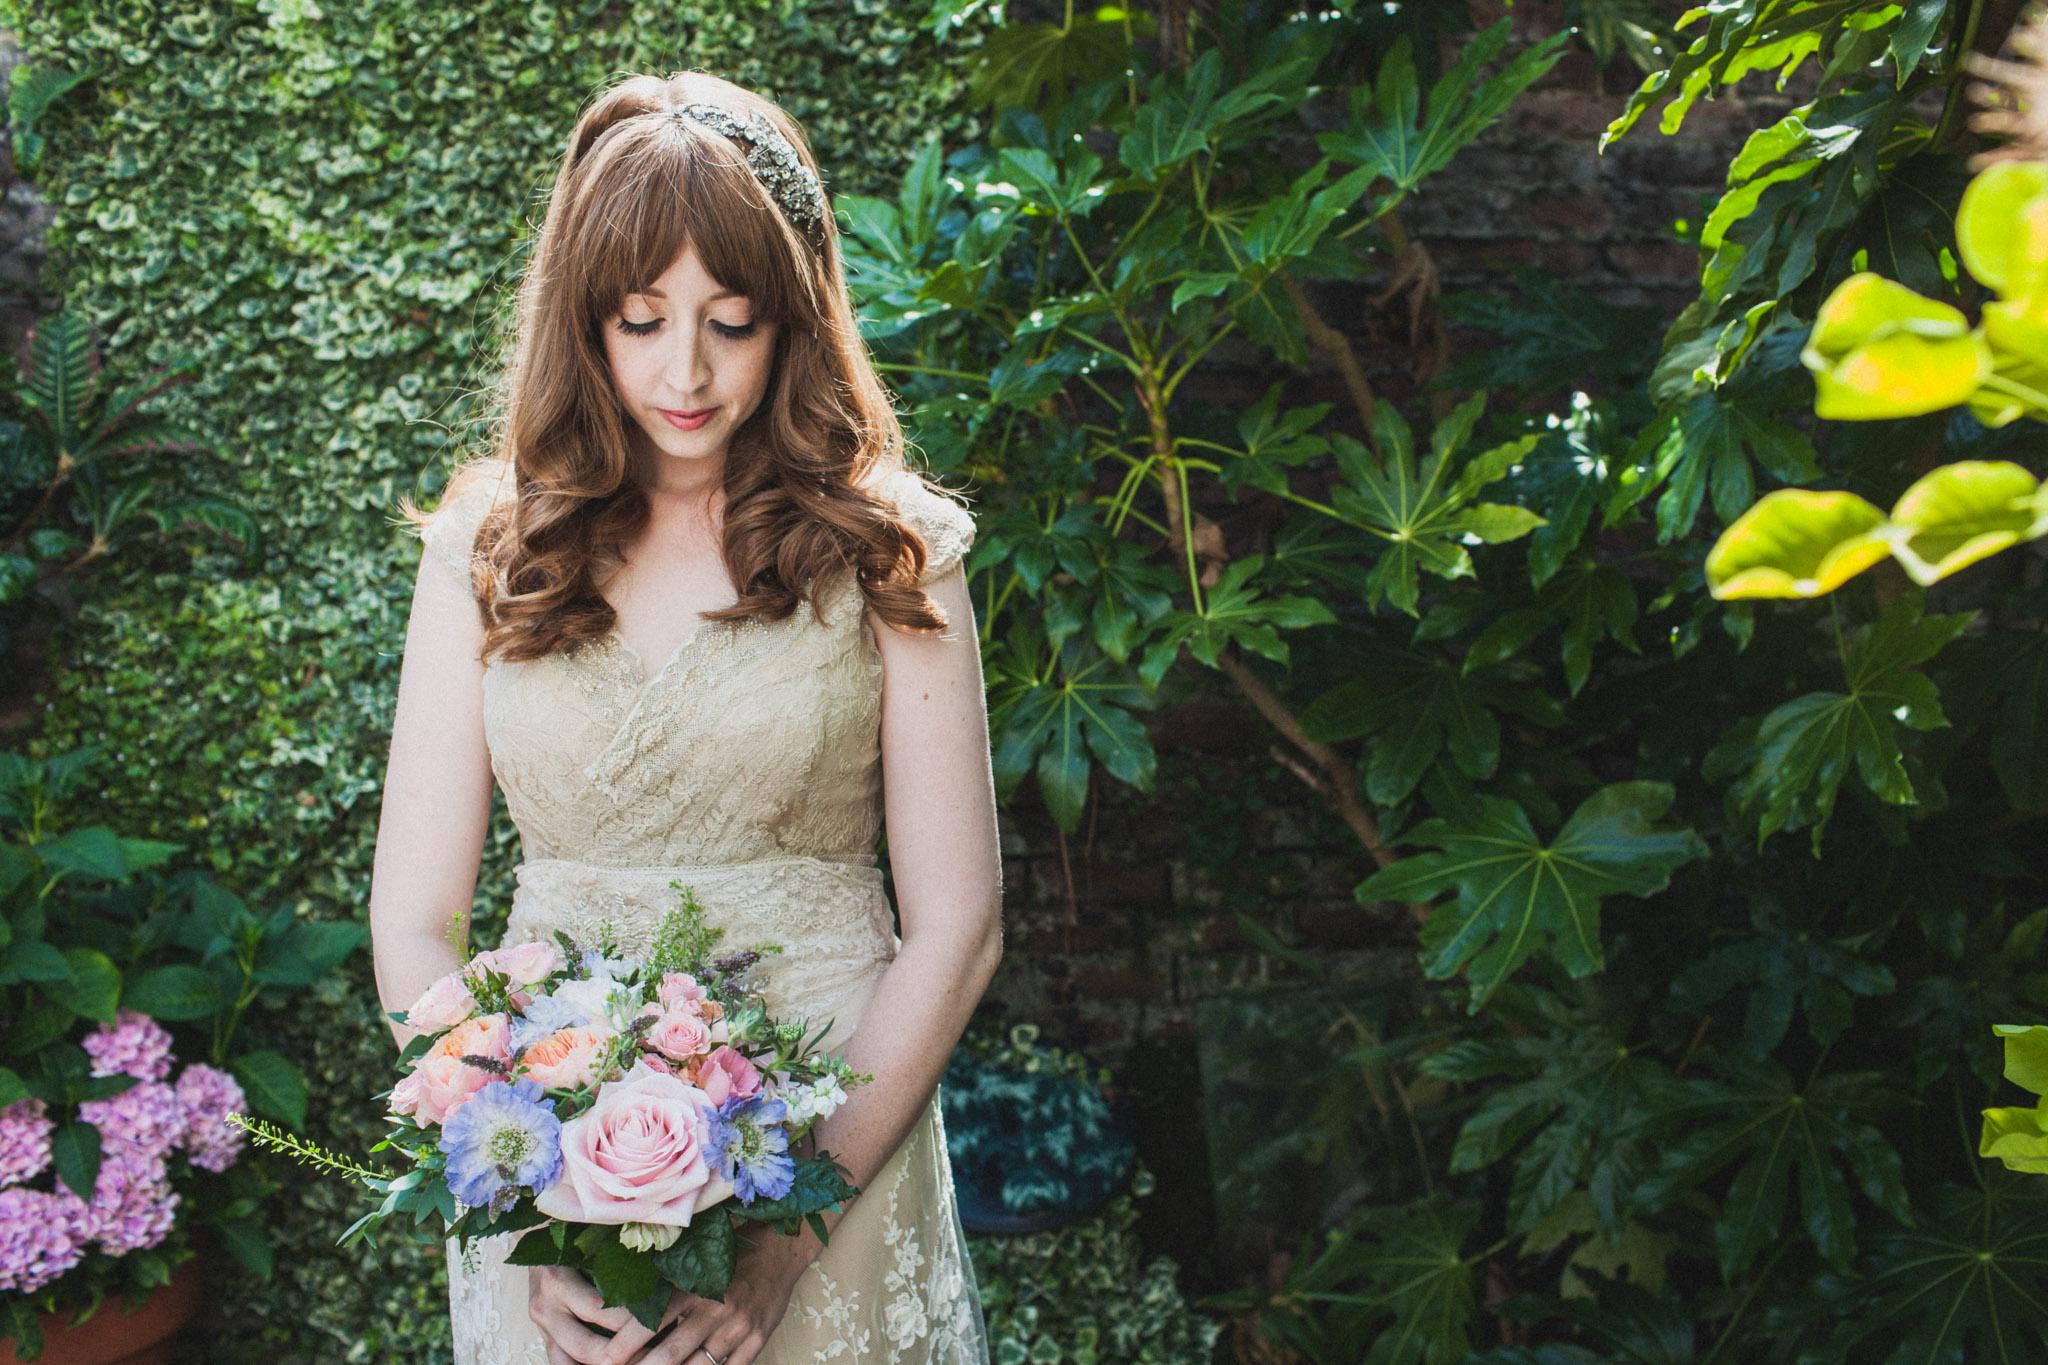 lewes_wedding_photographer_0020.jpg